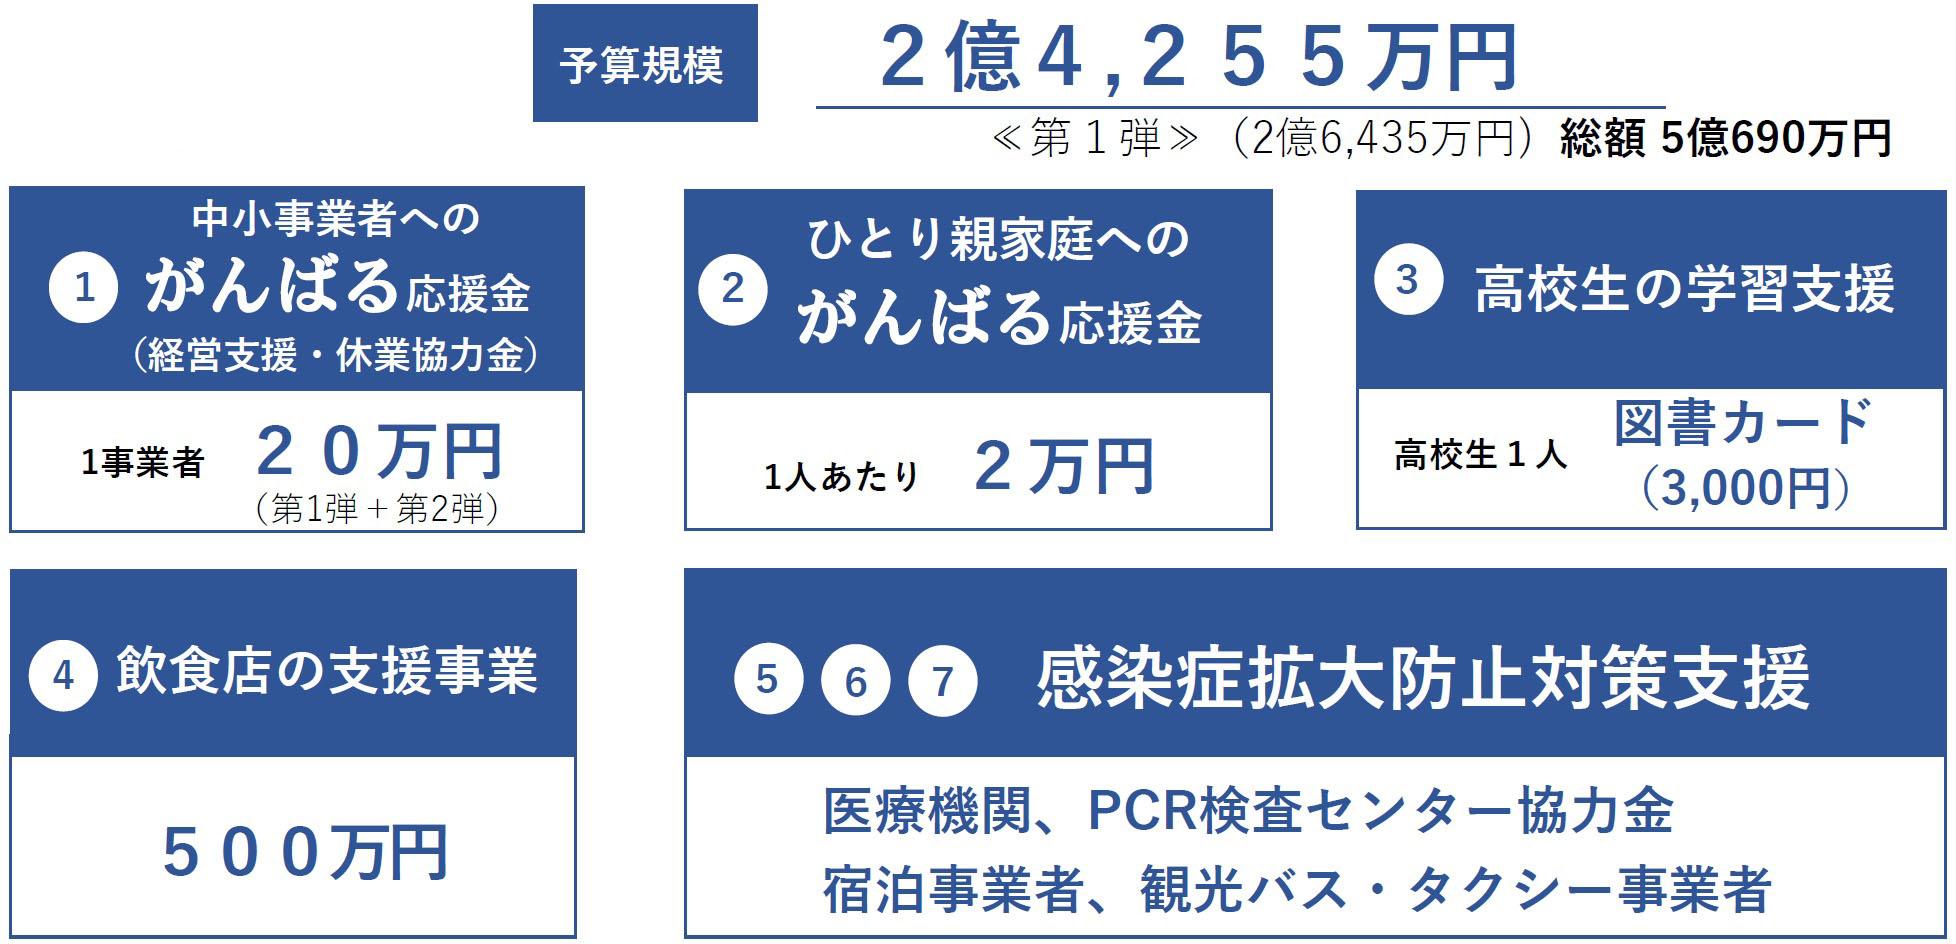 柳川 コロナ ウイルス